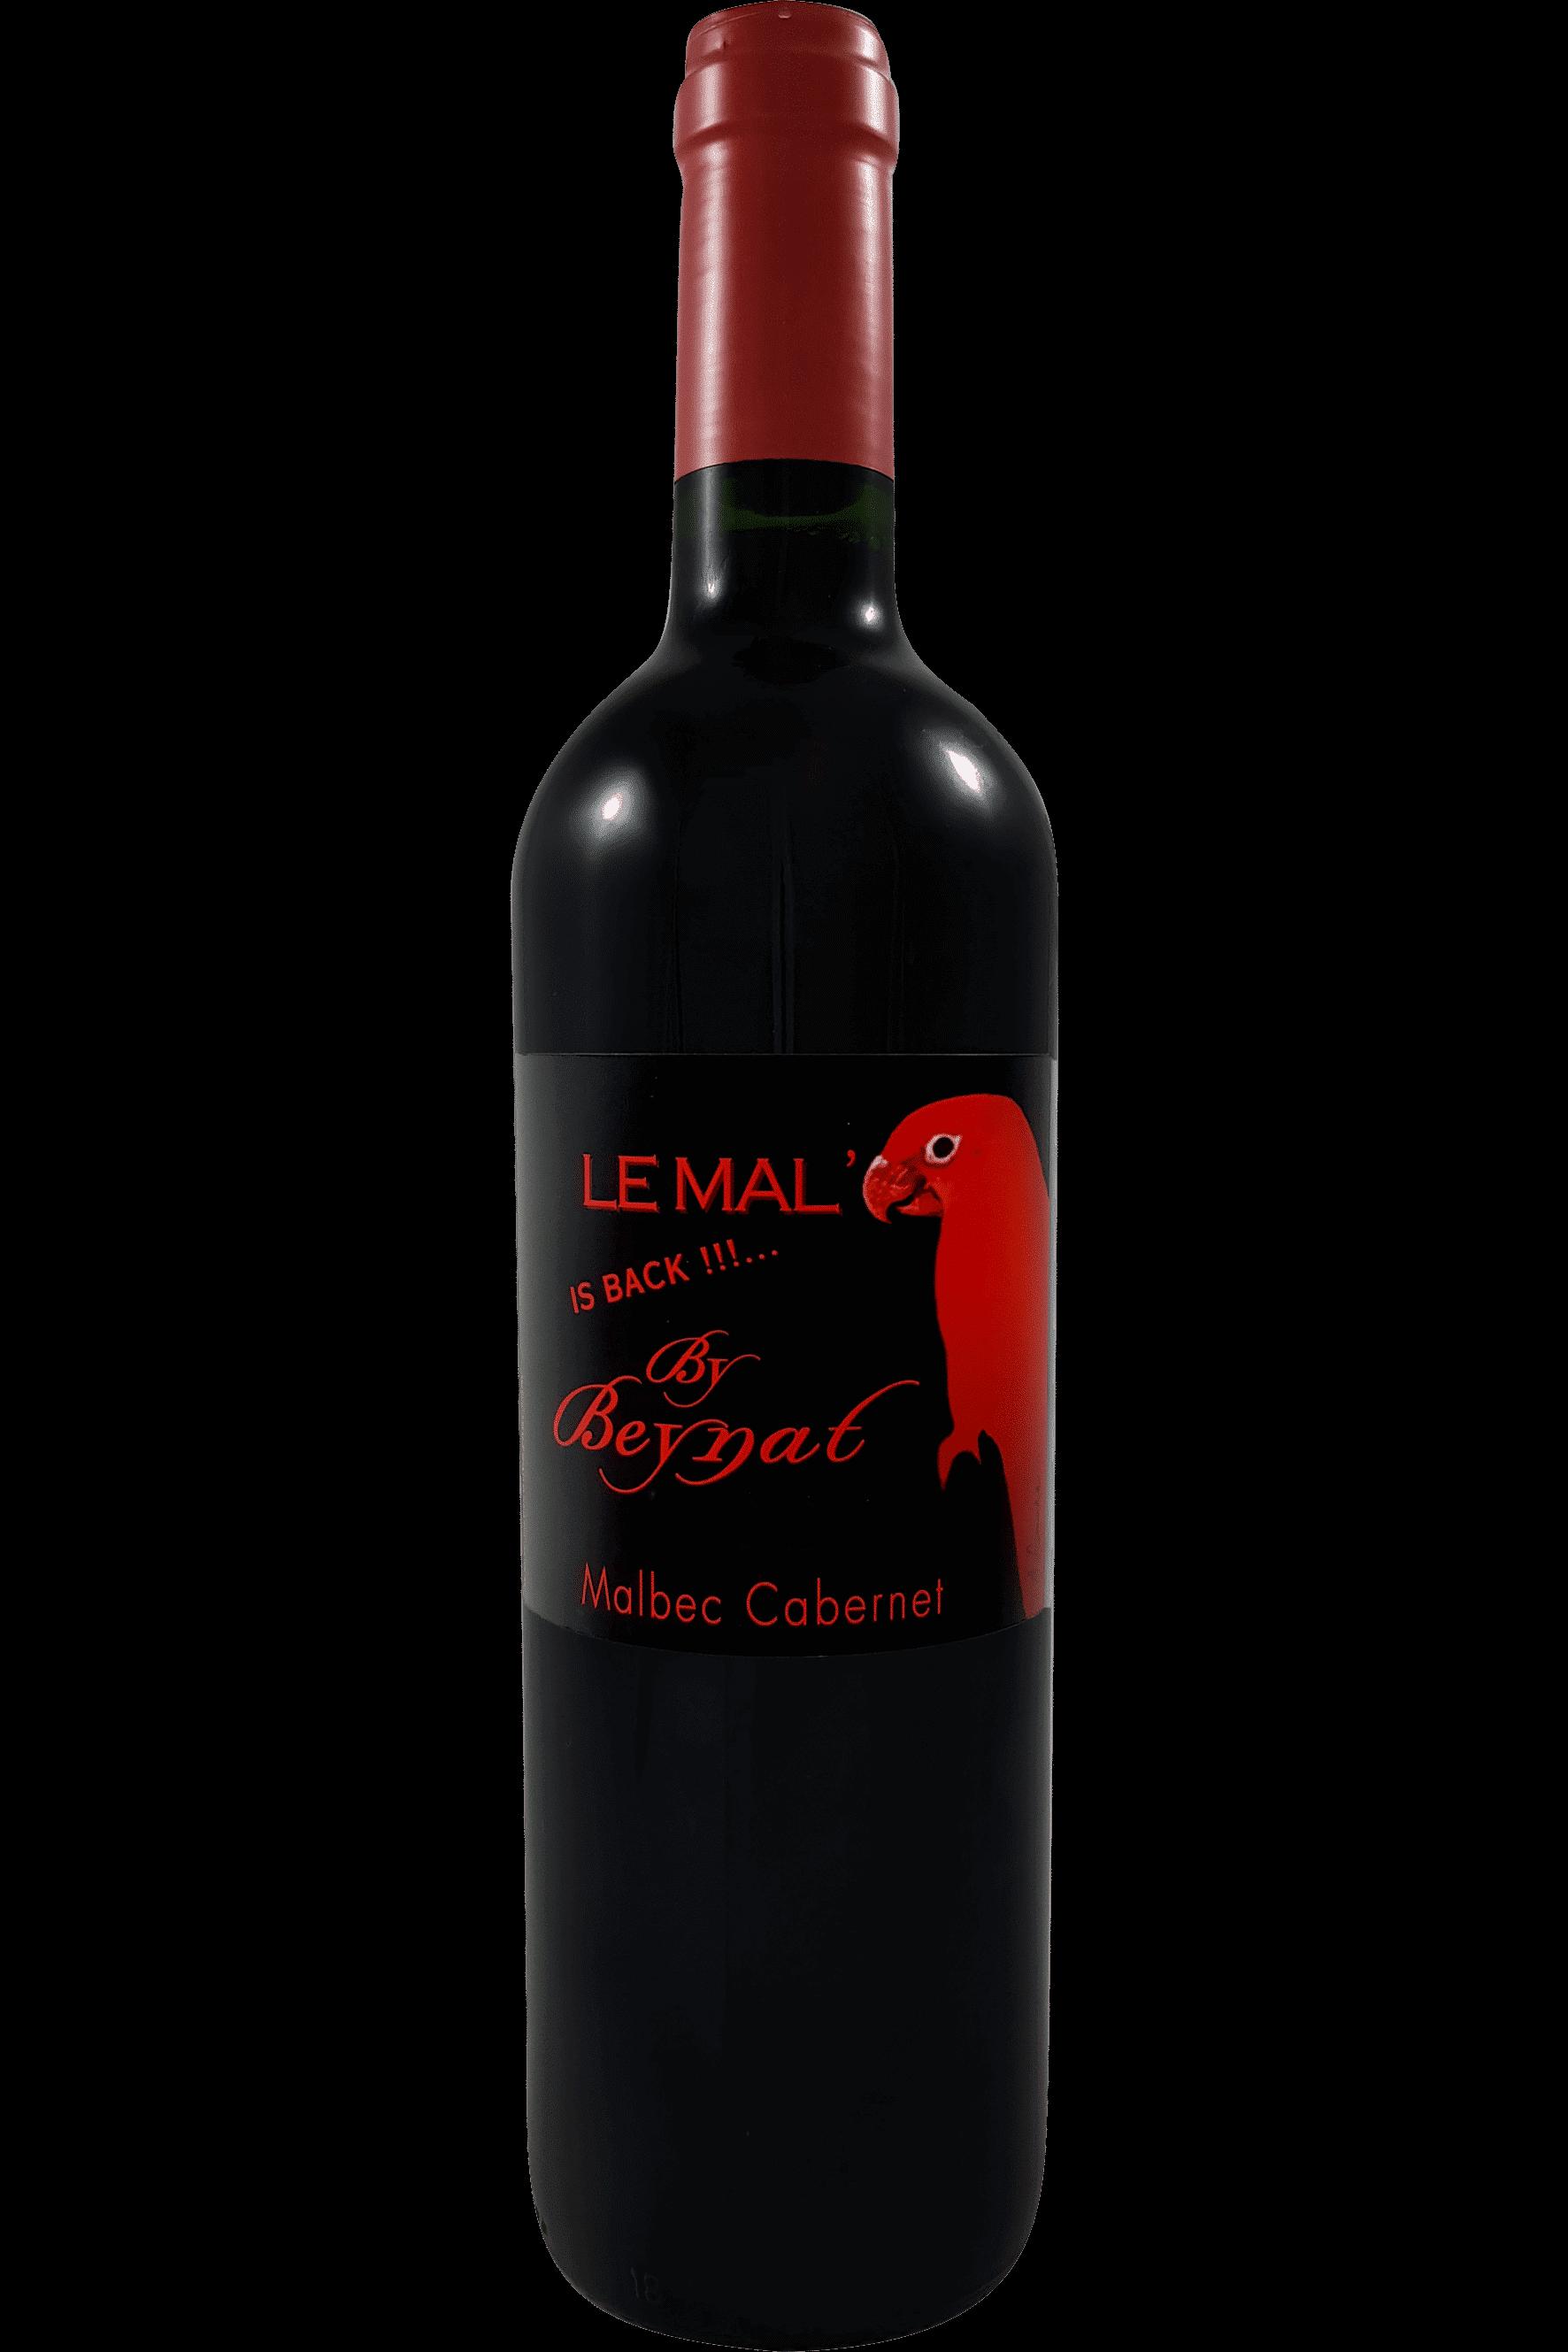 LeMal-Beynat